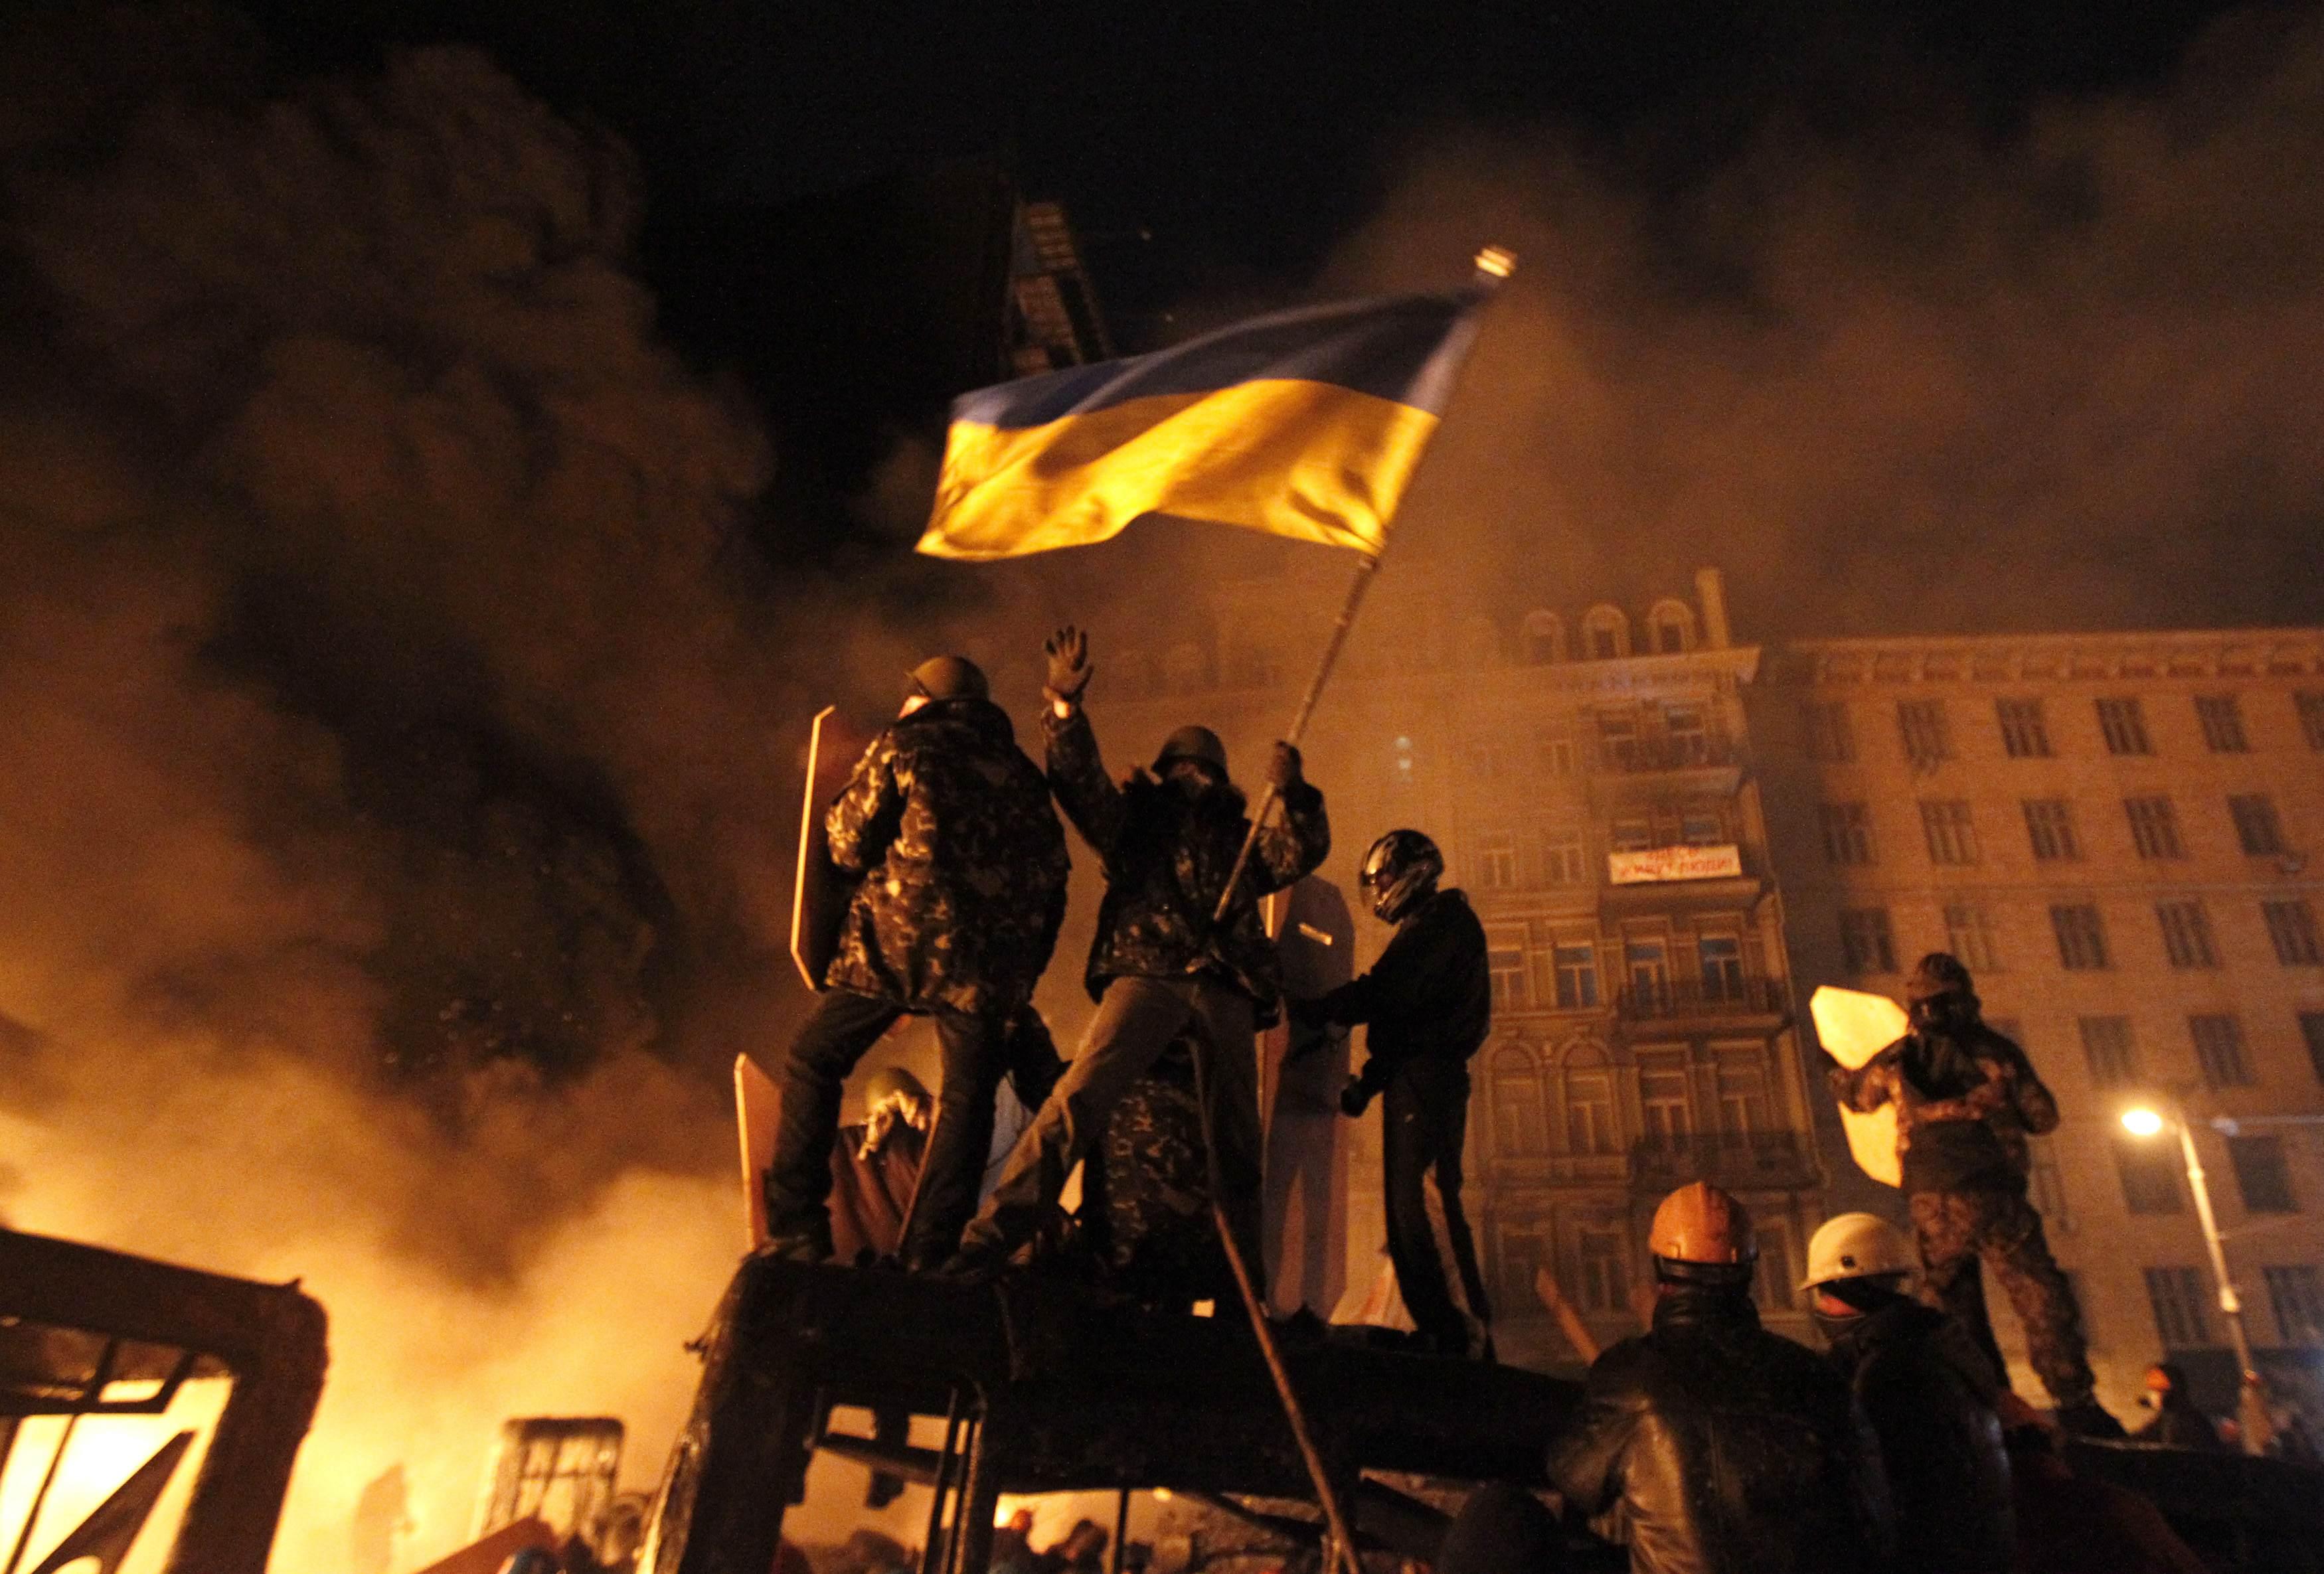 """Я пишаюся Україною і людьми, які живуть у Вас!"""", - лист з Білорусії - Новини Тернополя і області - За Збручем"""